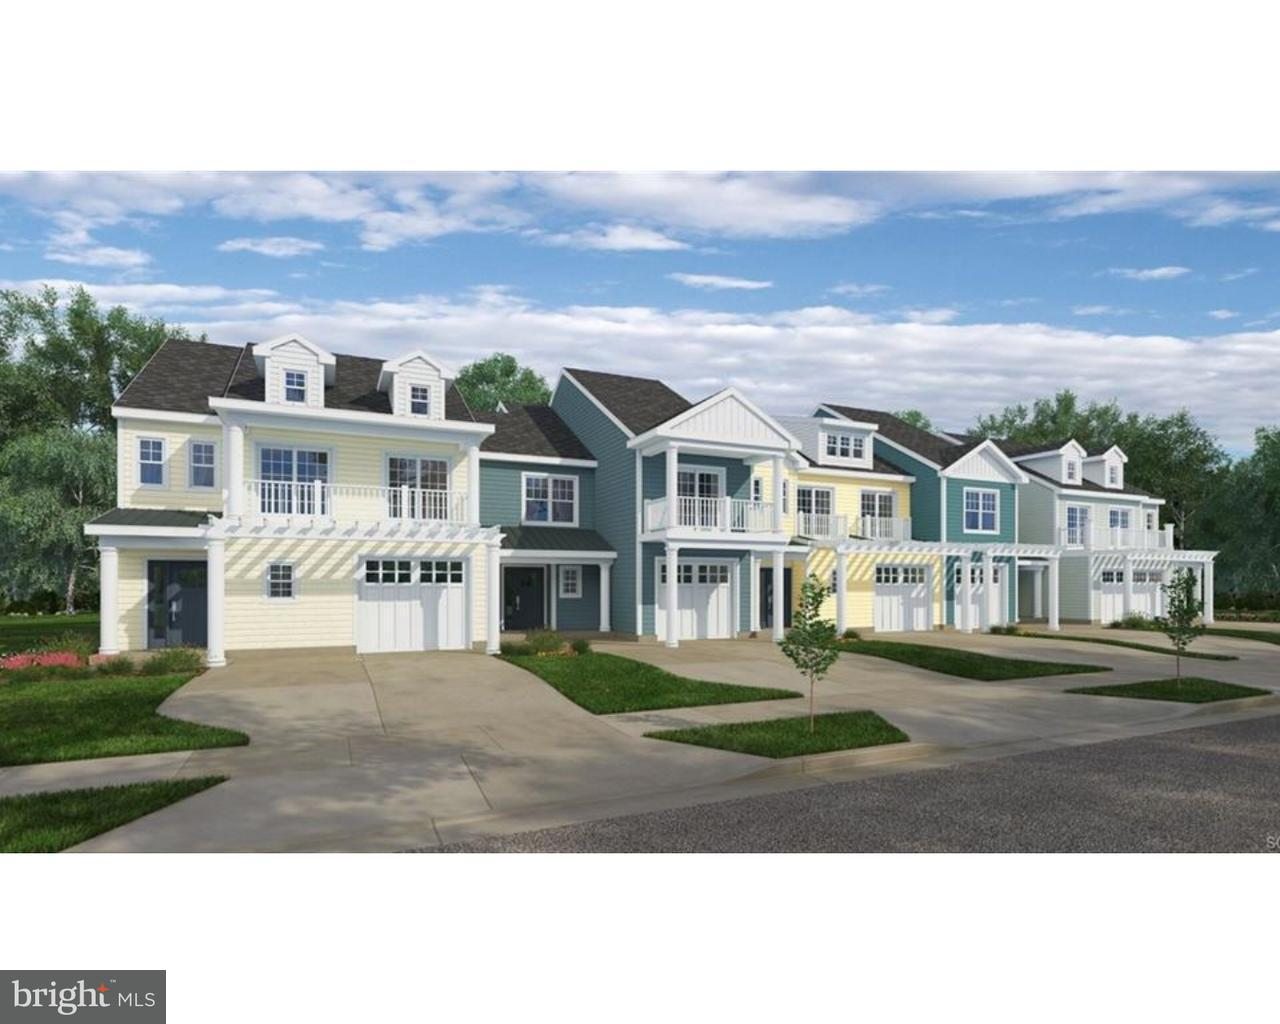 独户住宅 为 销售 在 36211 GLENVEAGH RD #UNIT 2 赛尔比维尔, 特拉华州 19975 美国